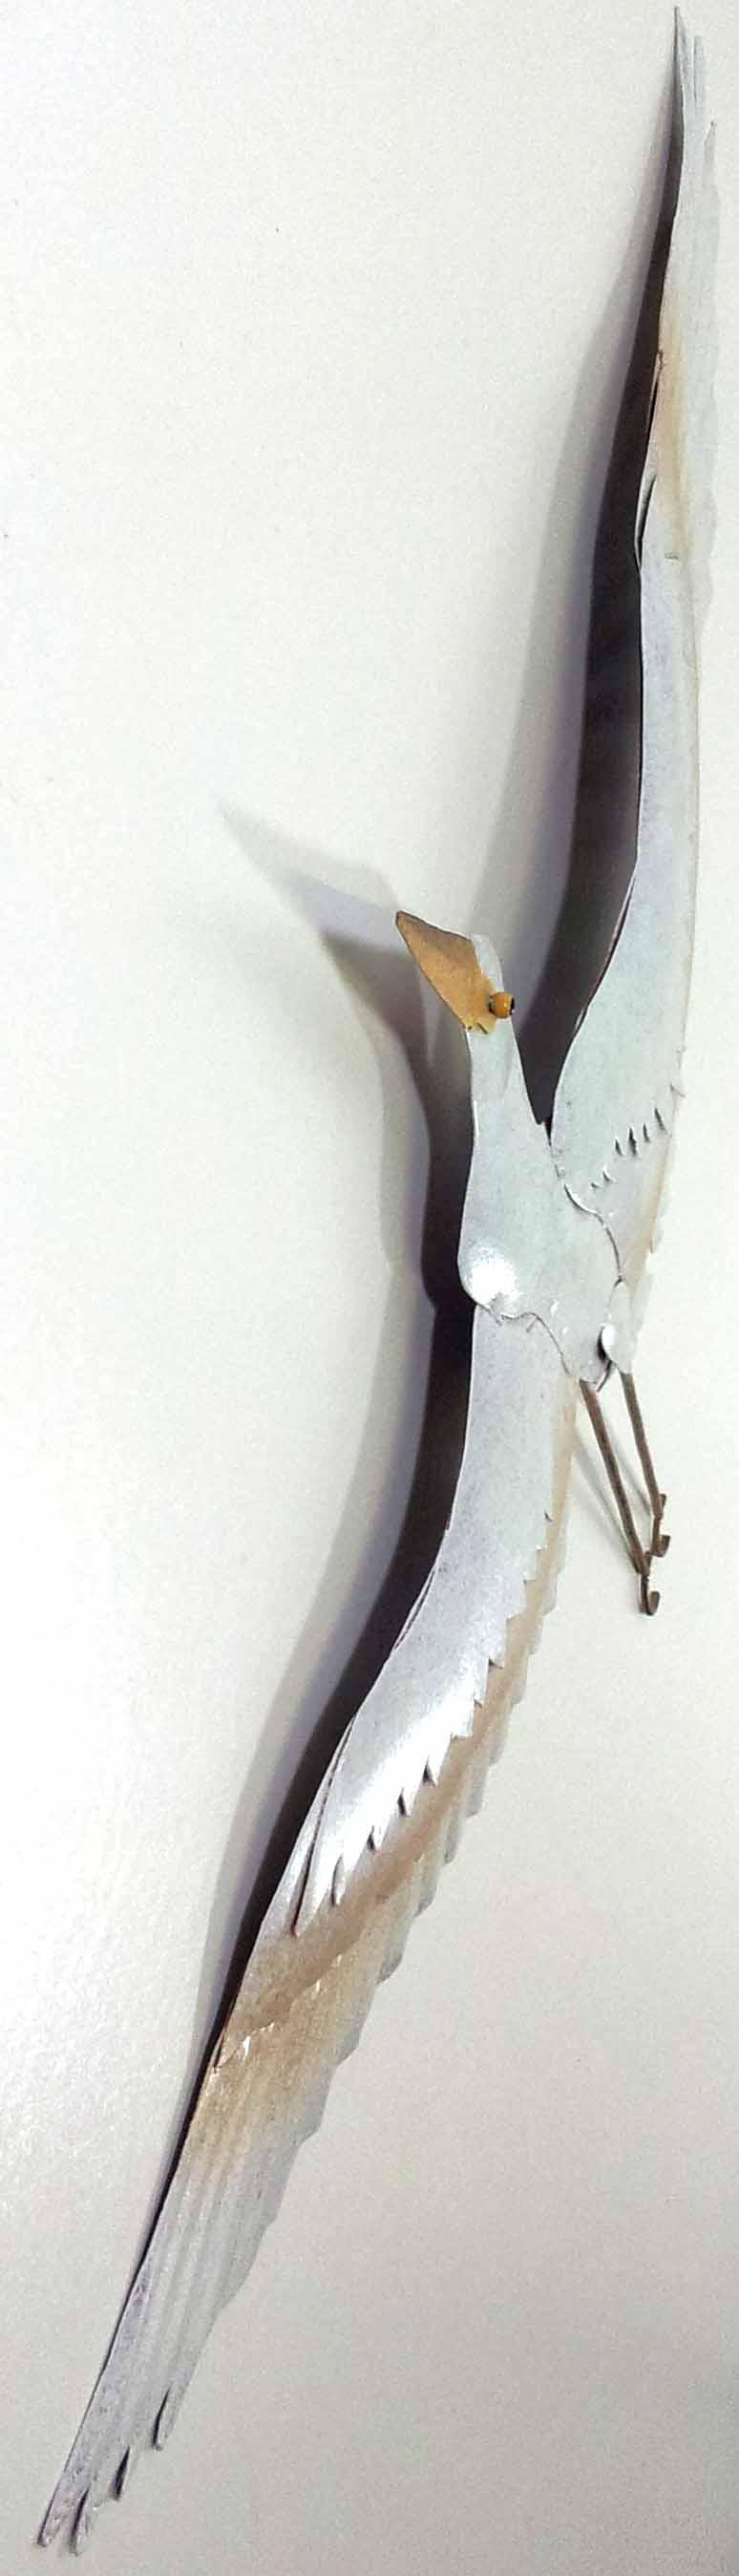 White Tin Wall Decor : Metal wall art white flying heron decor